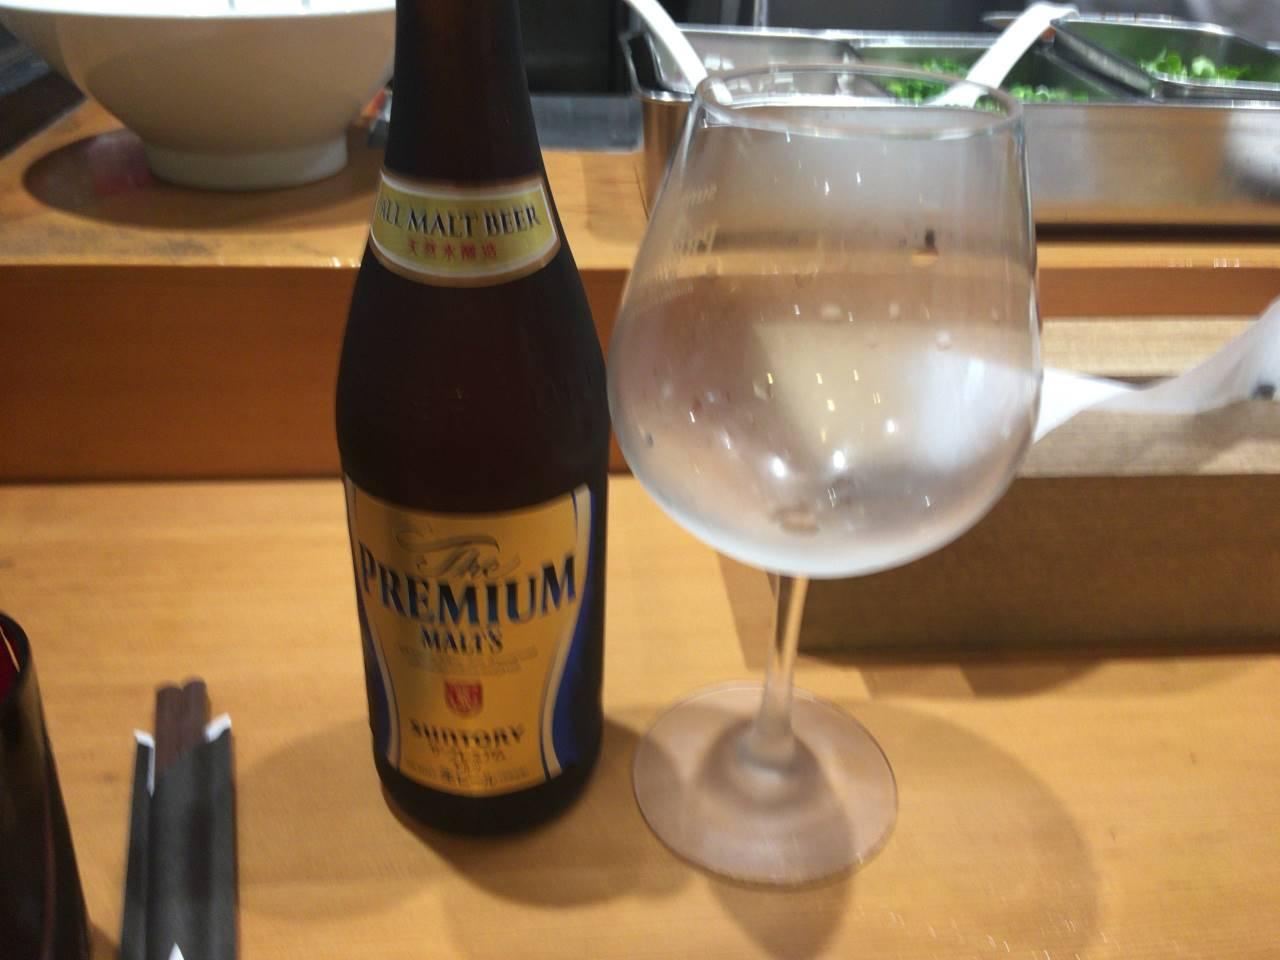 竹末東京プレミアム2019年4月5日 に飲んだビール